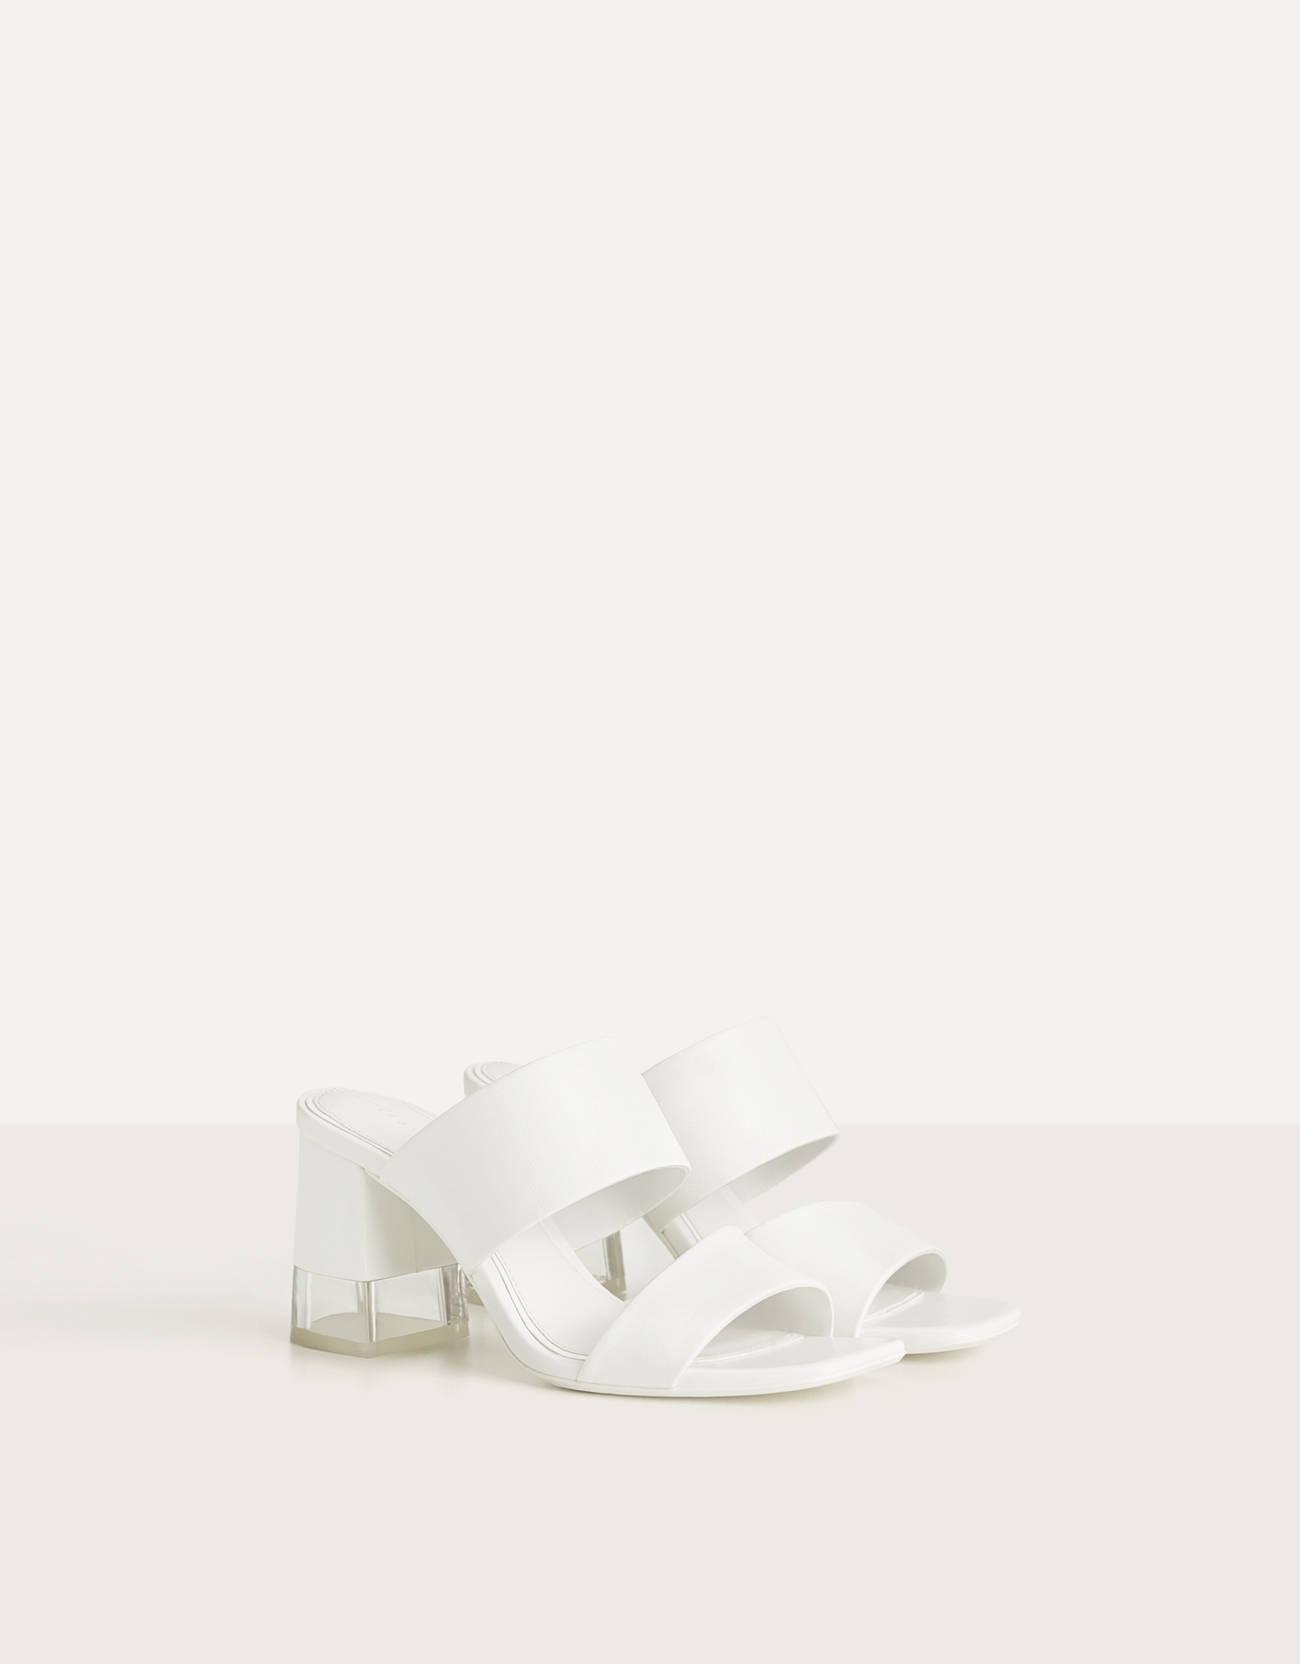 Sandalia destalonada tacón metacrilato